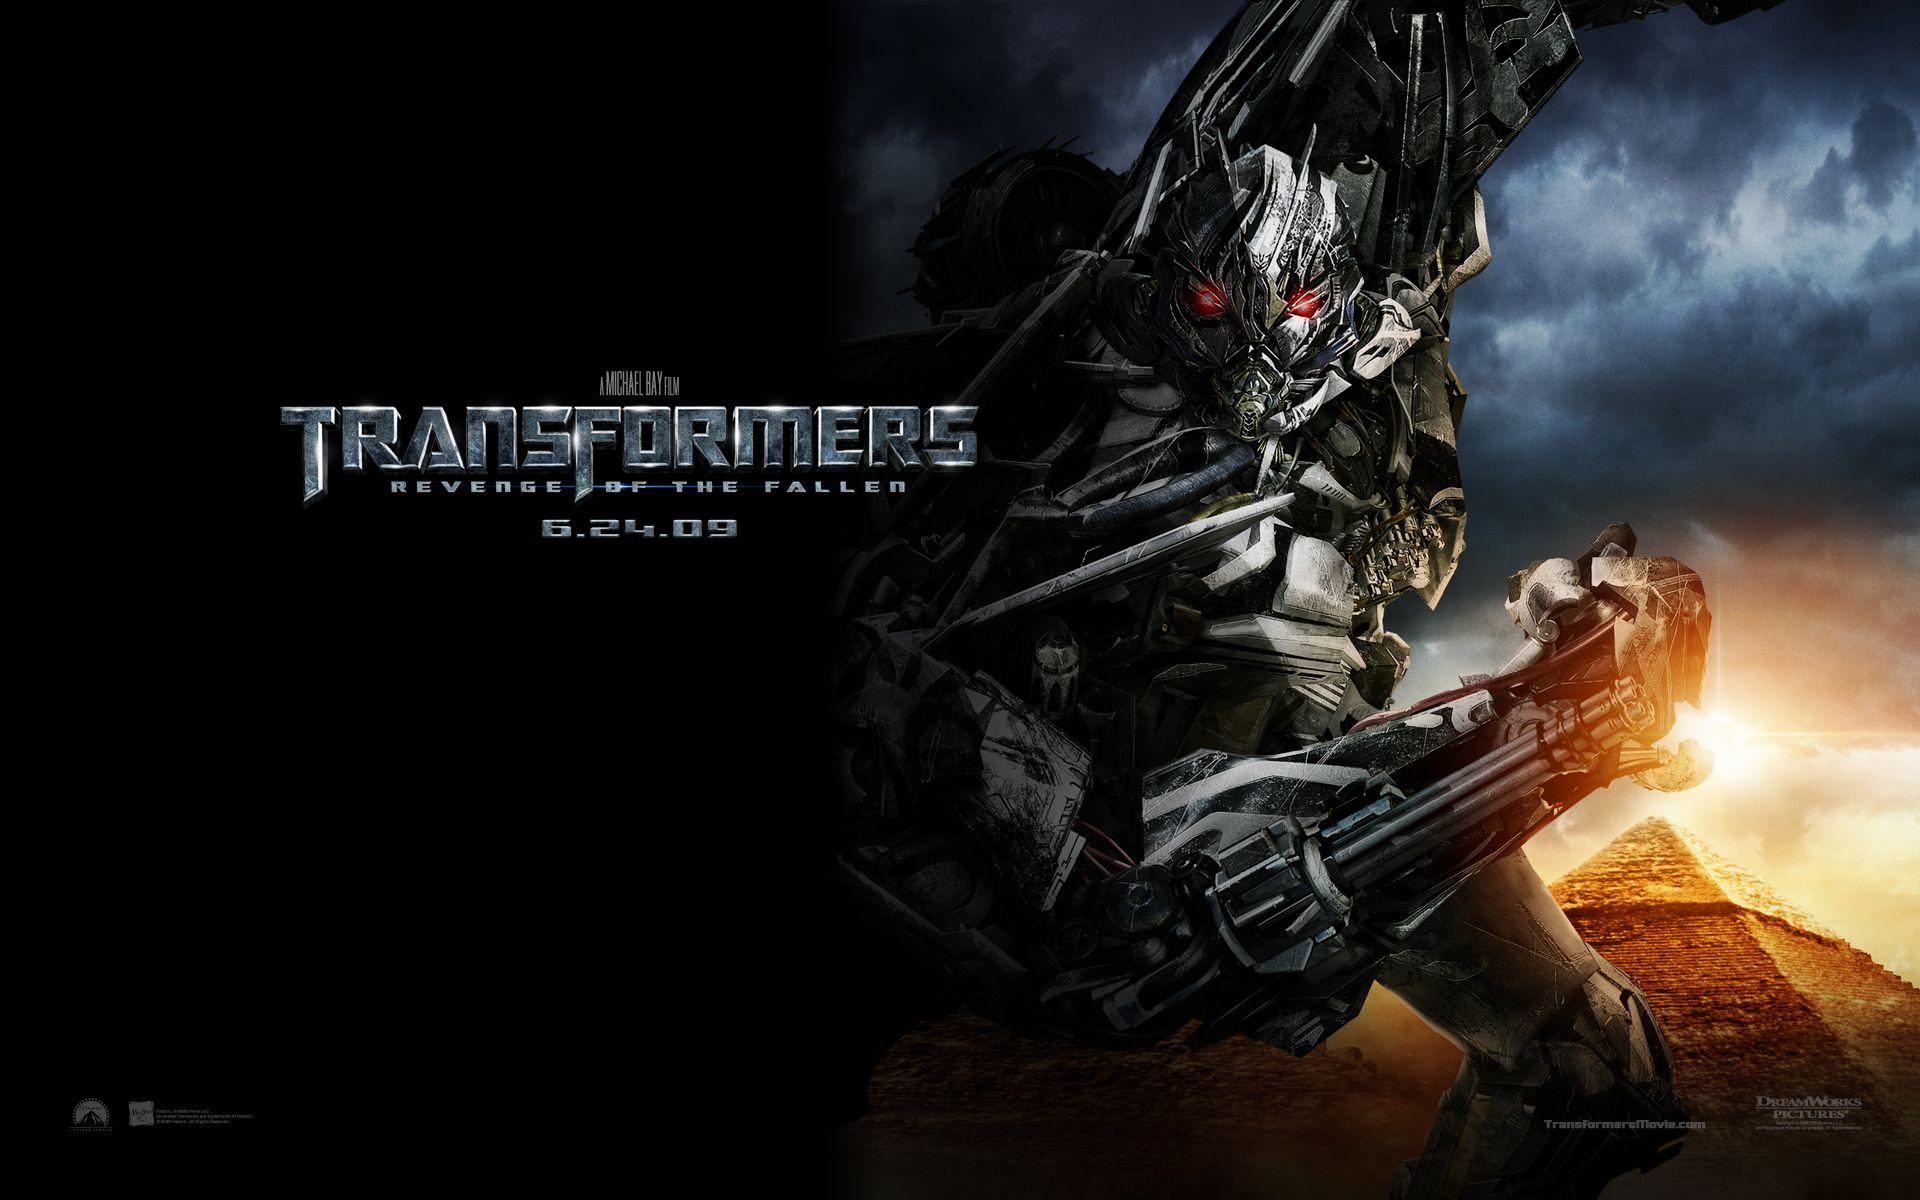 Transformers HD desktop wallpaper Widescreen High Definition